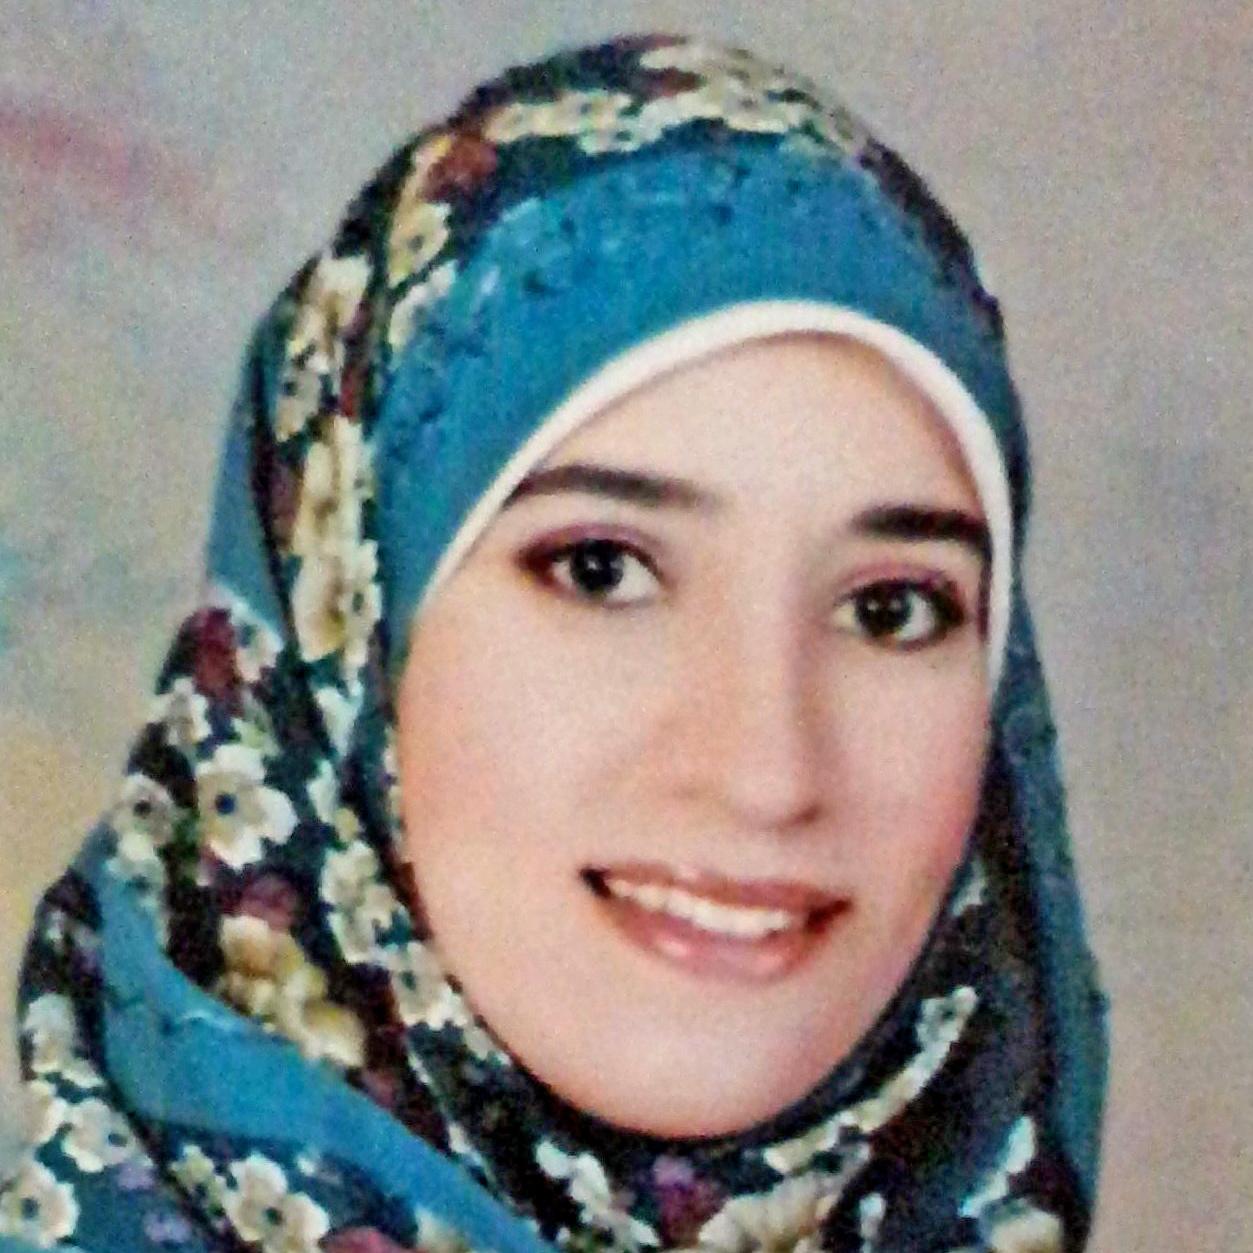 Alyaa Abdelhalim